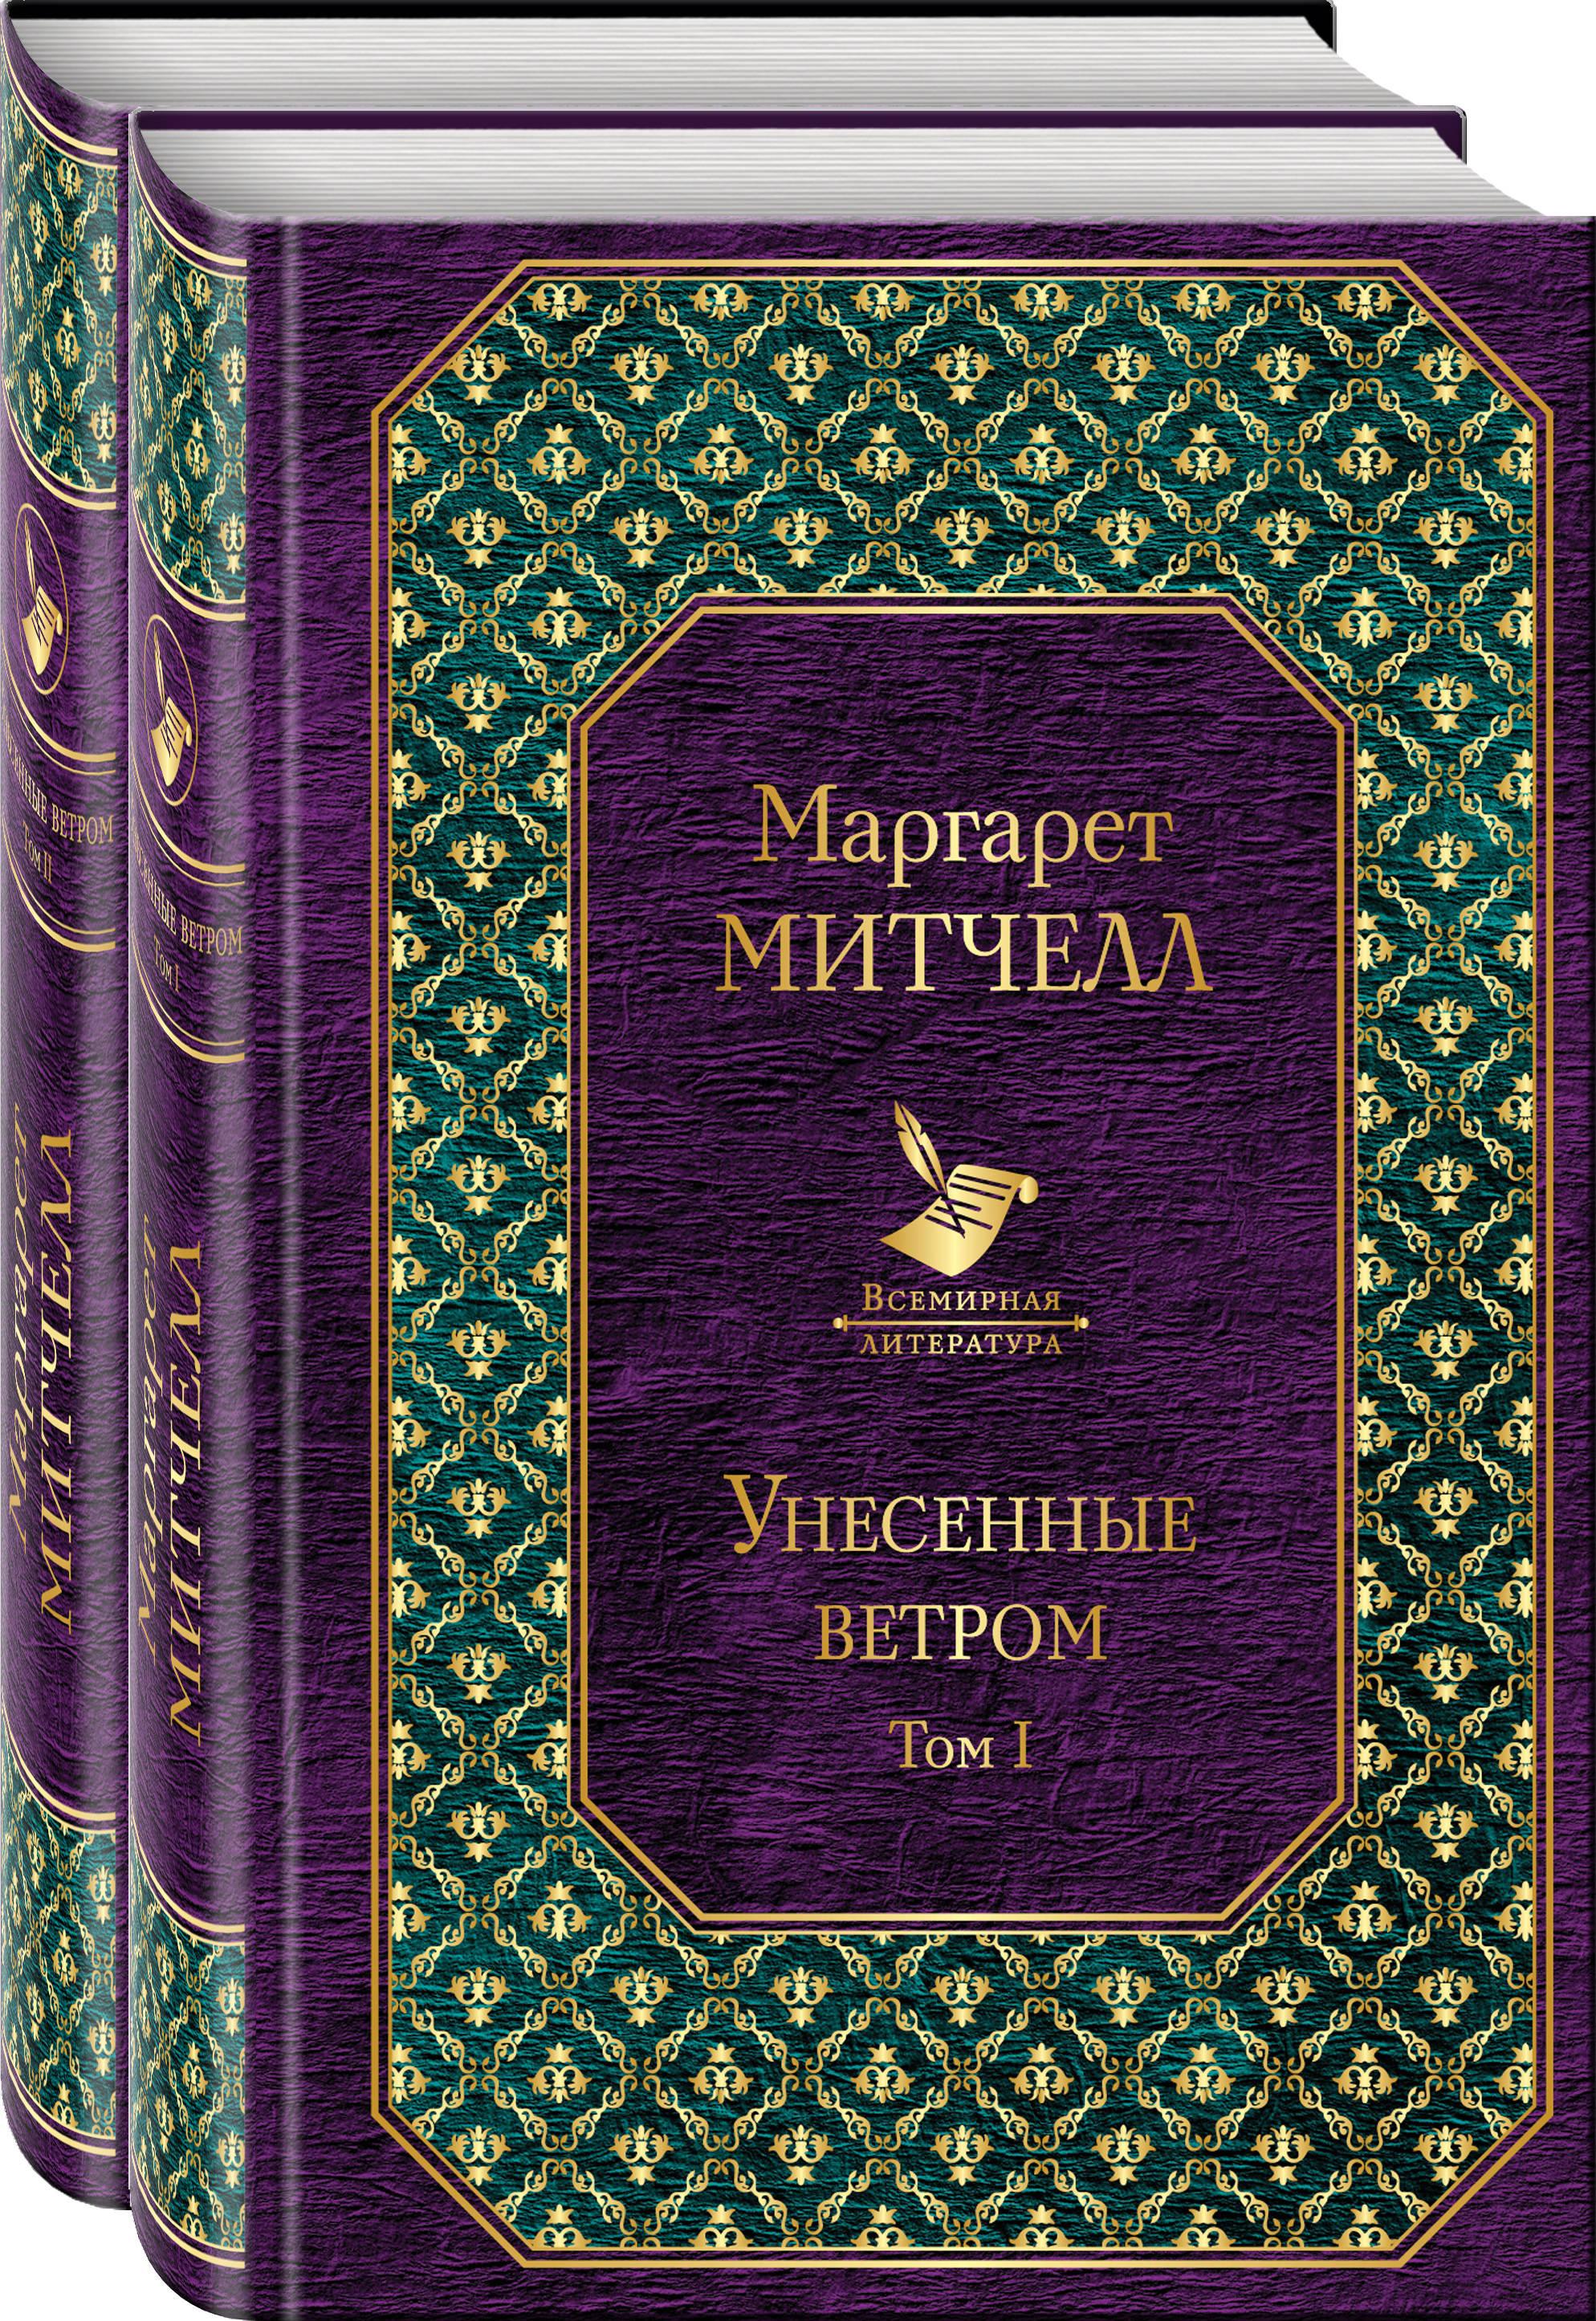 Митчелл М. Унесенные ветром (комплект из 2 книг)